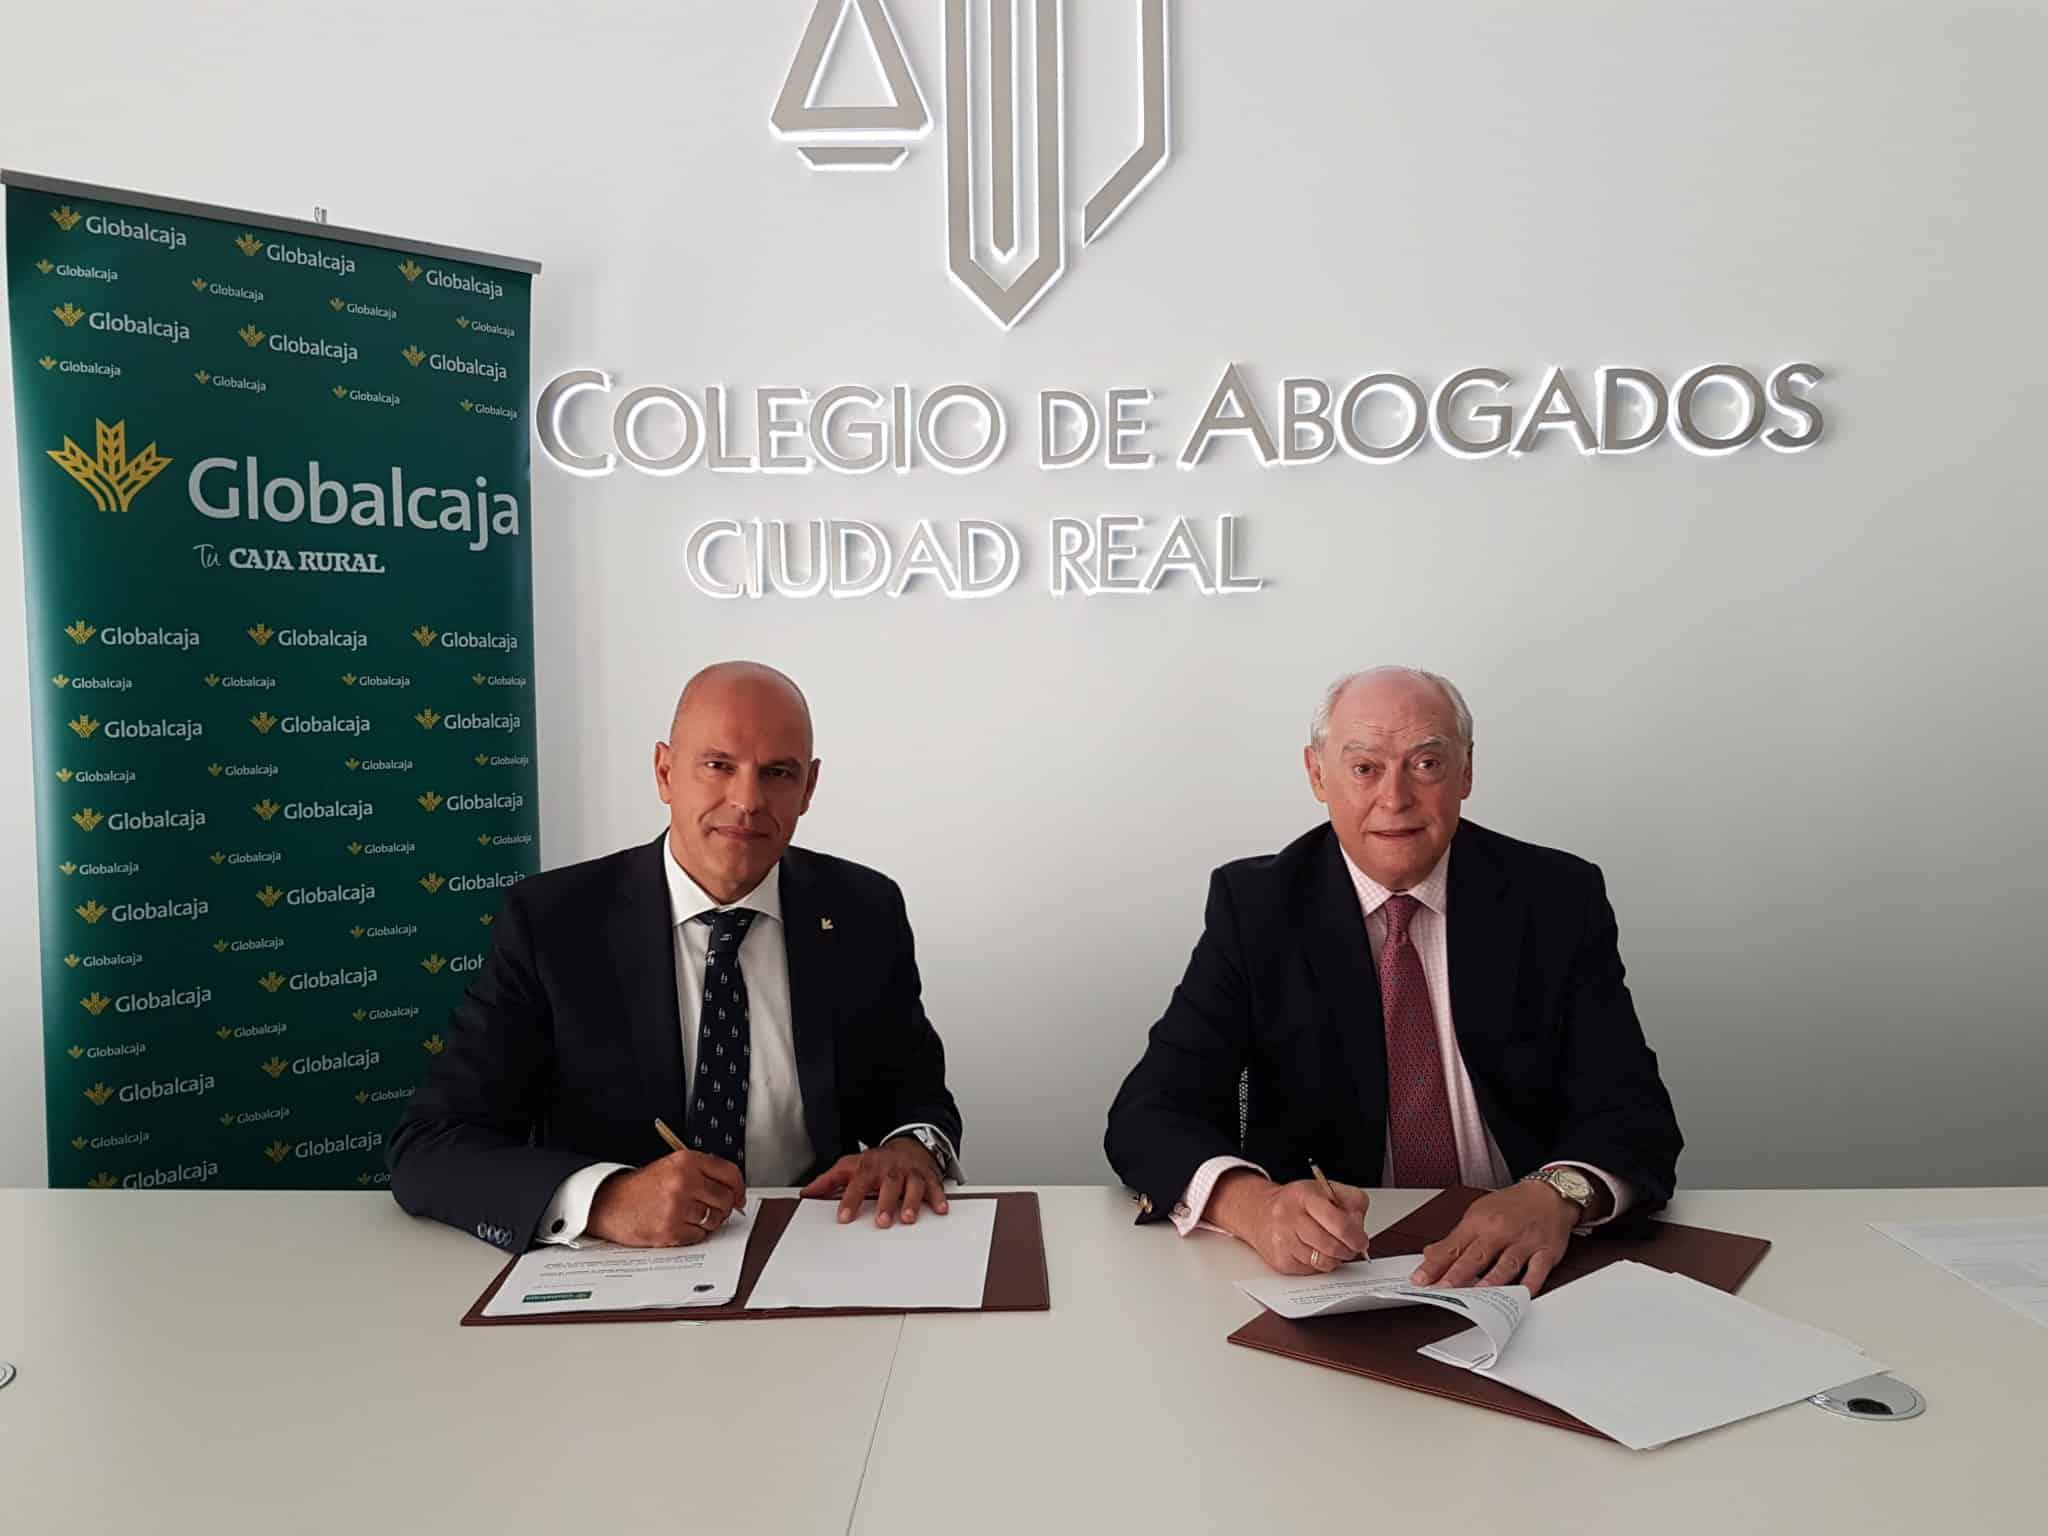 https://blog.globalcaja.es/wp-content/uploads/2017/07/20170712_102705.jpg